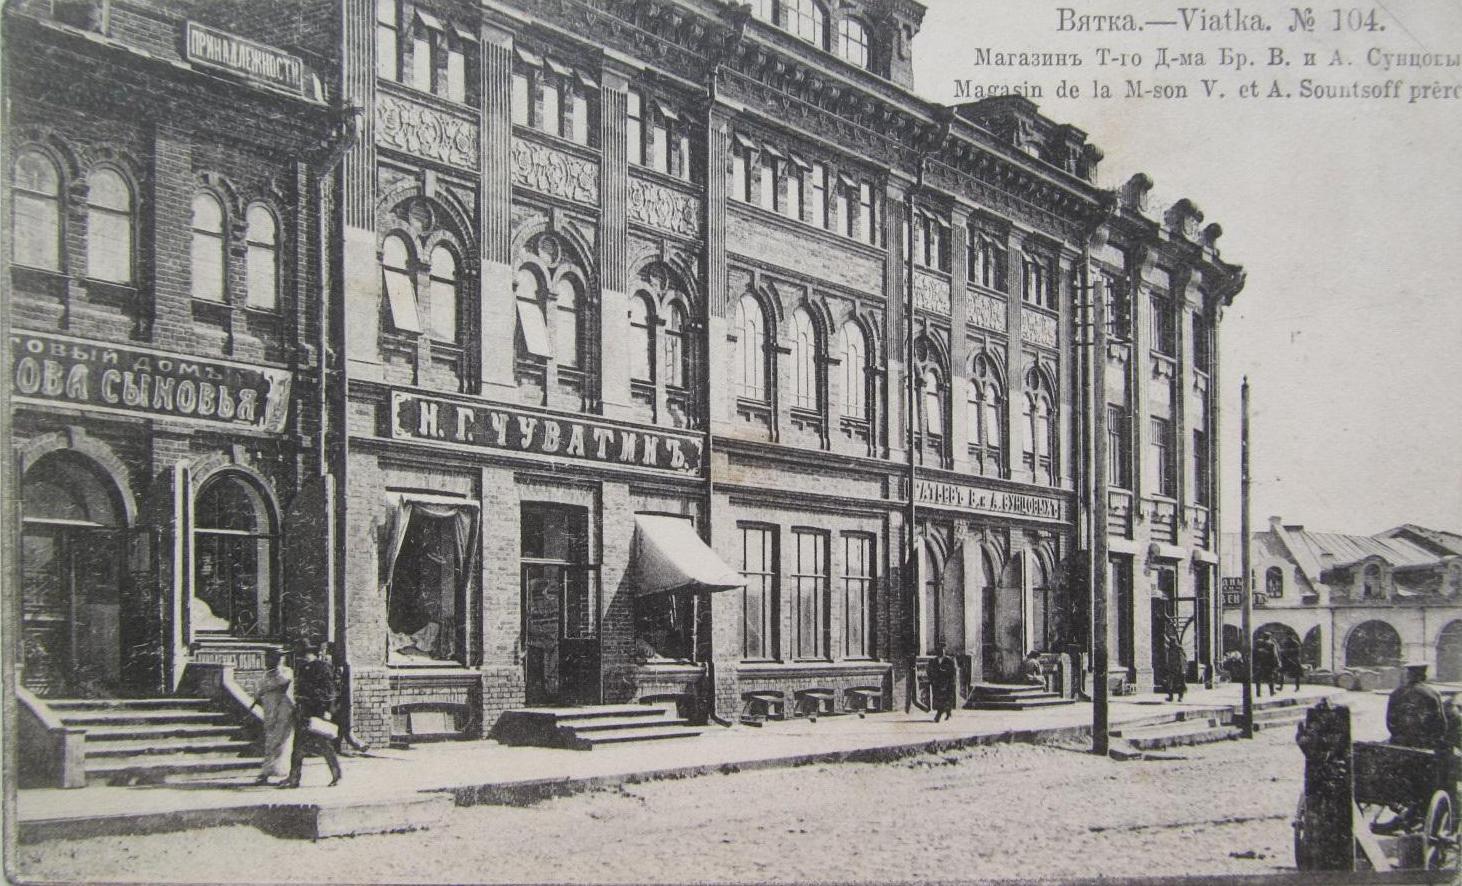 Магазин торгового дома братьев Сунцовых